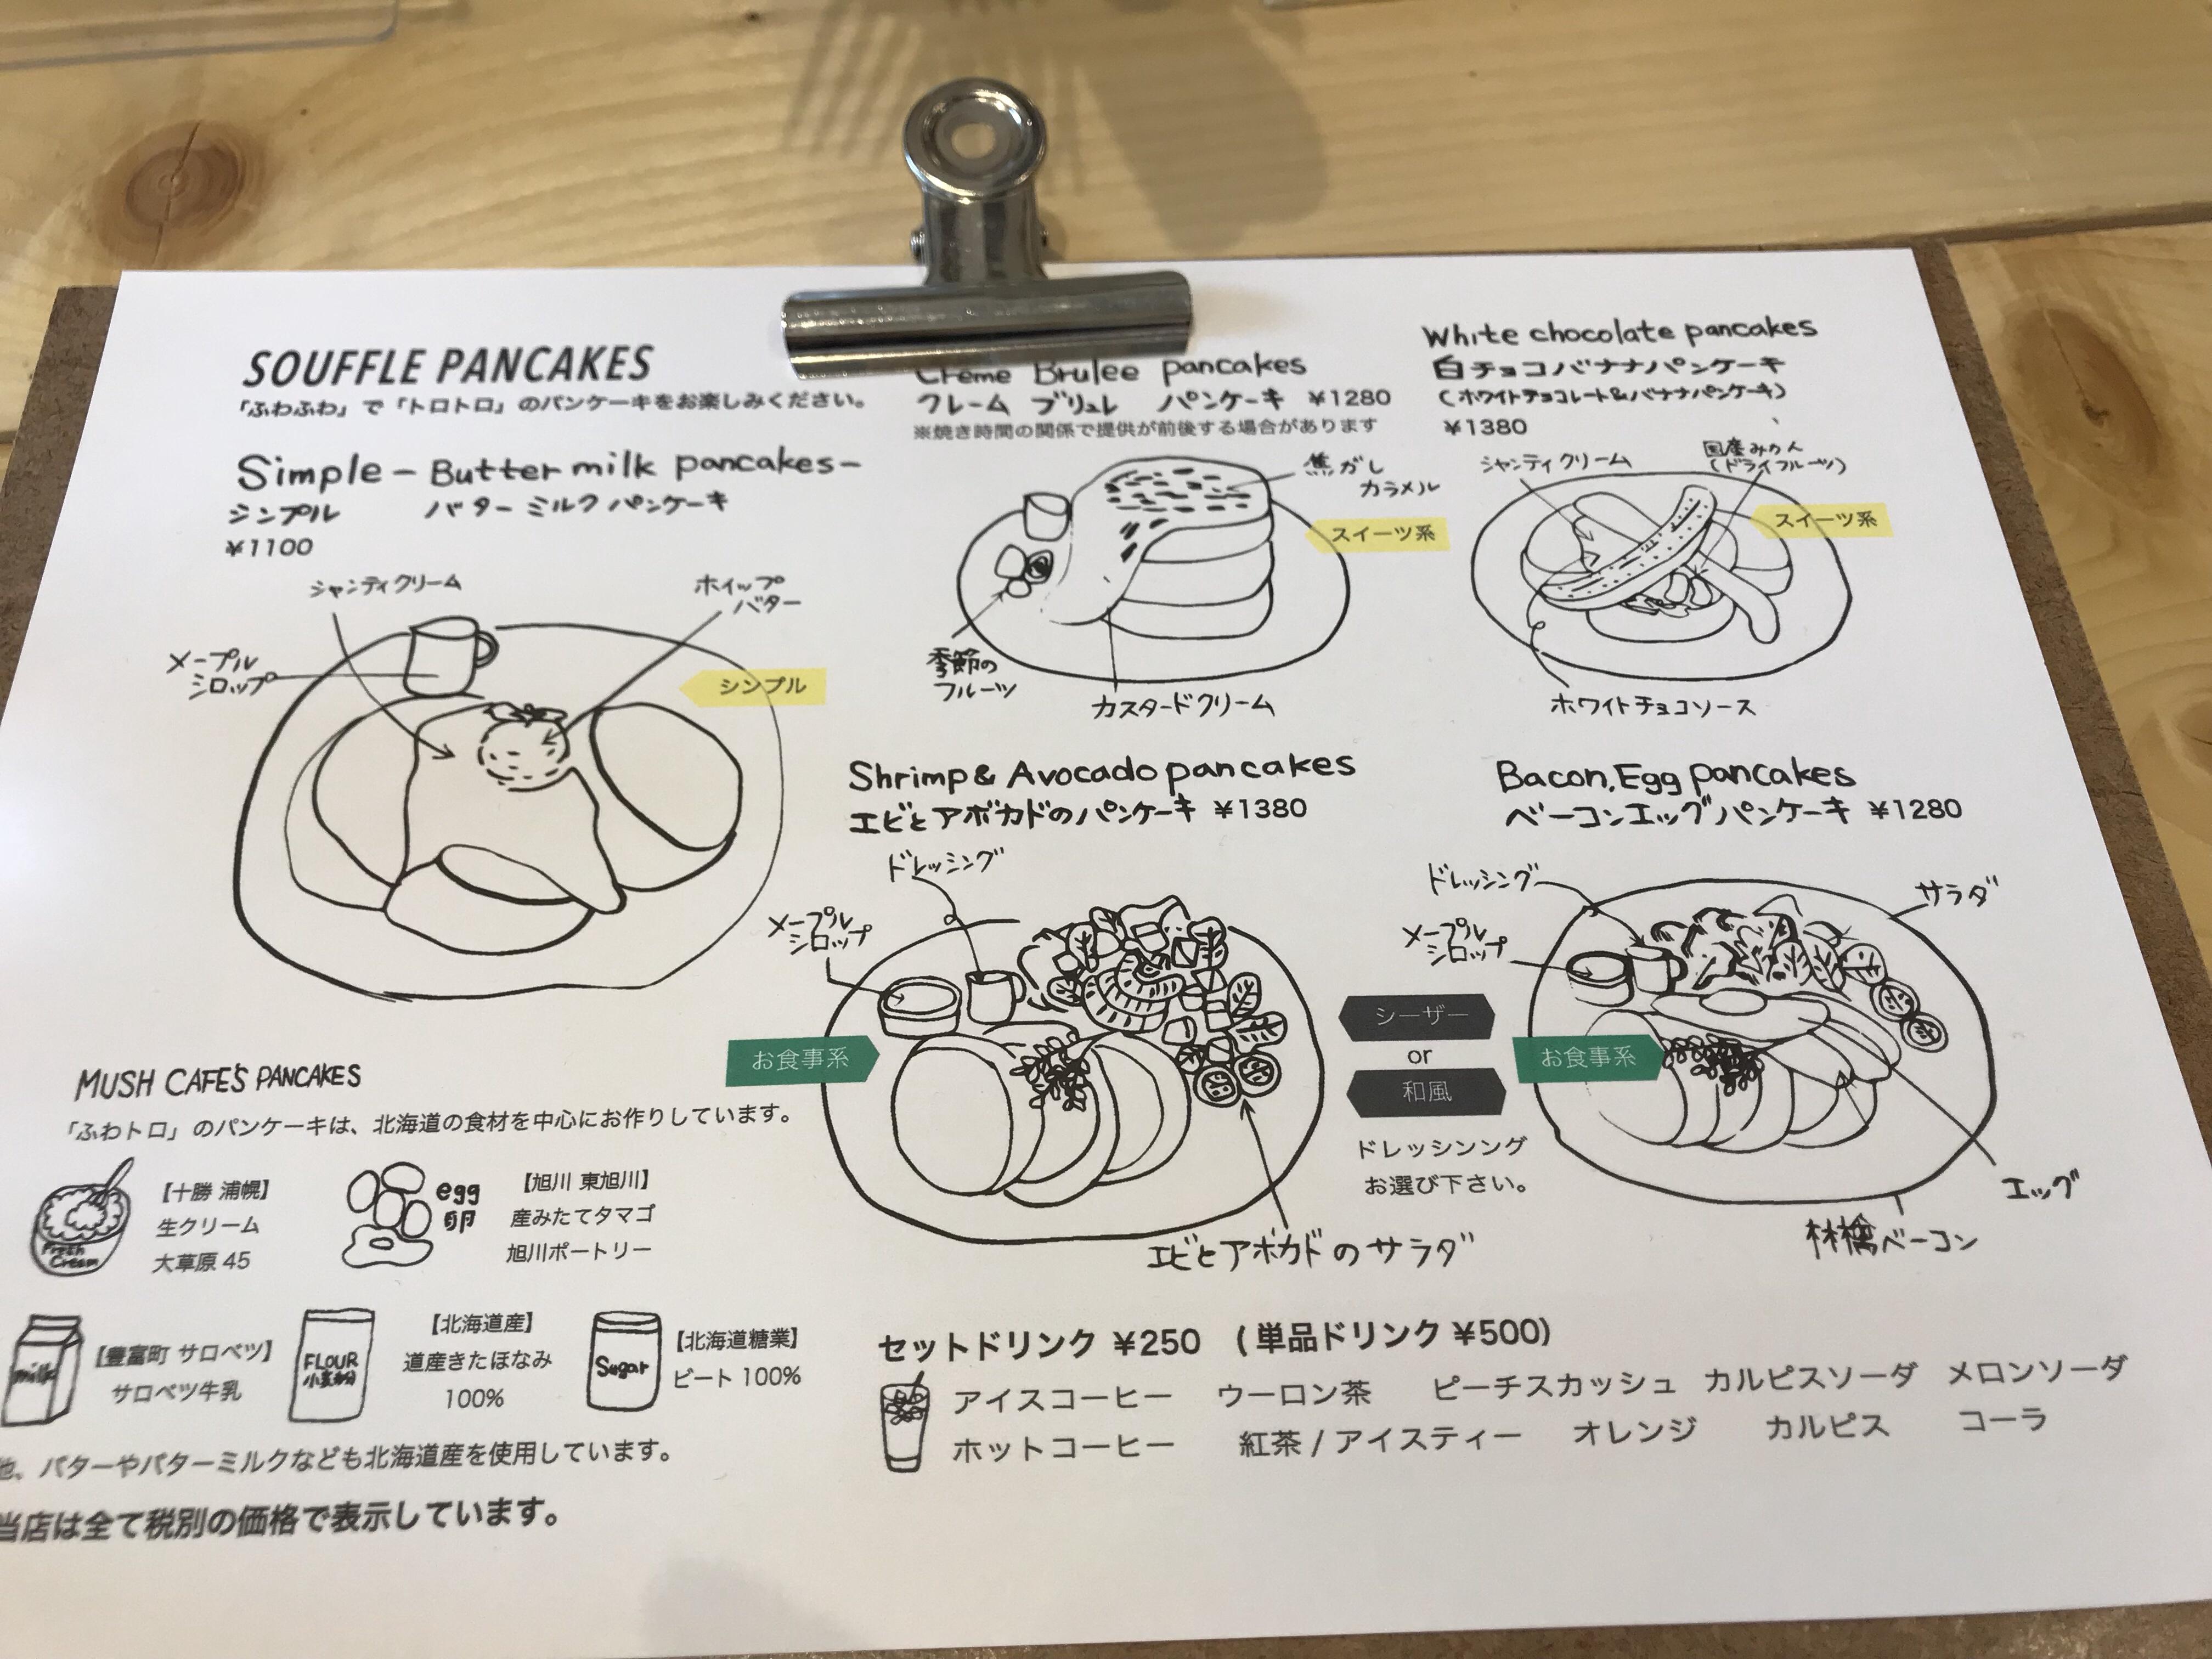 旭川マッシュカフェのメニュー